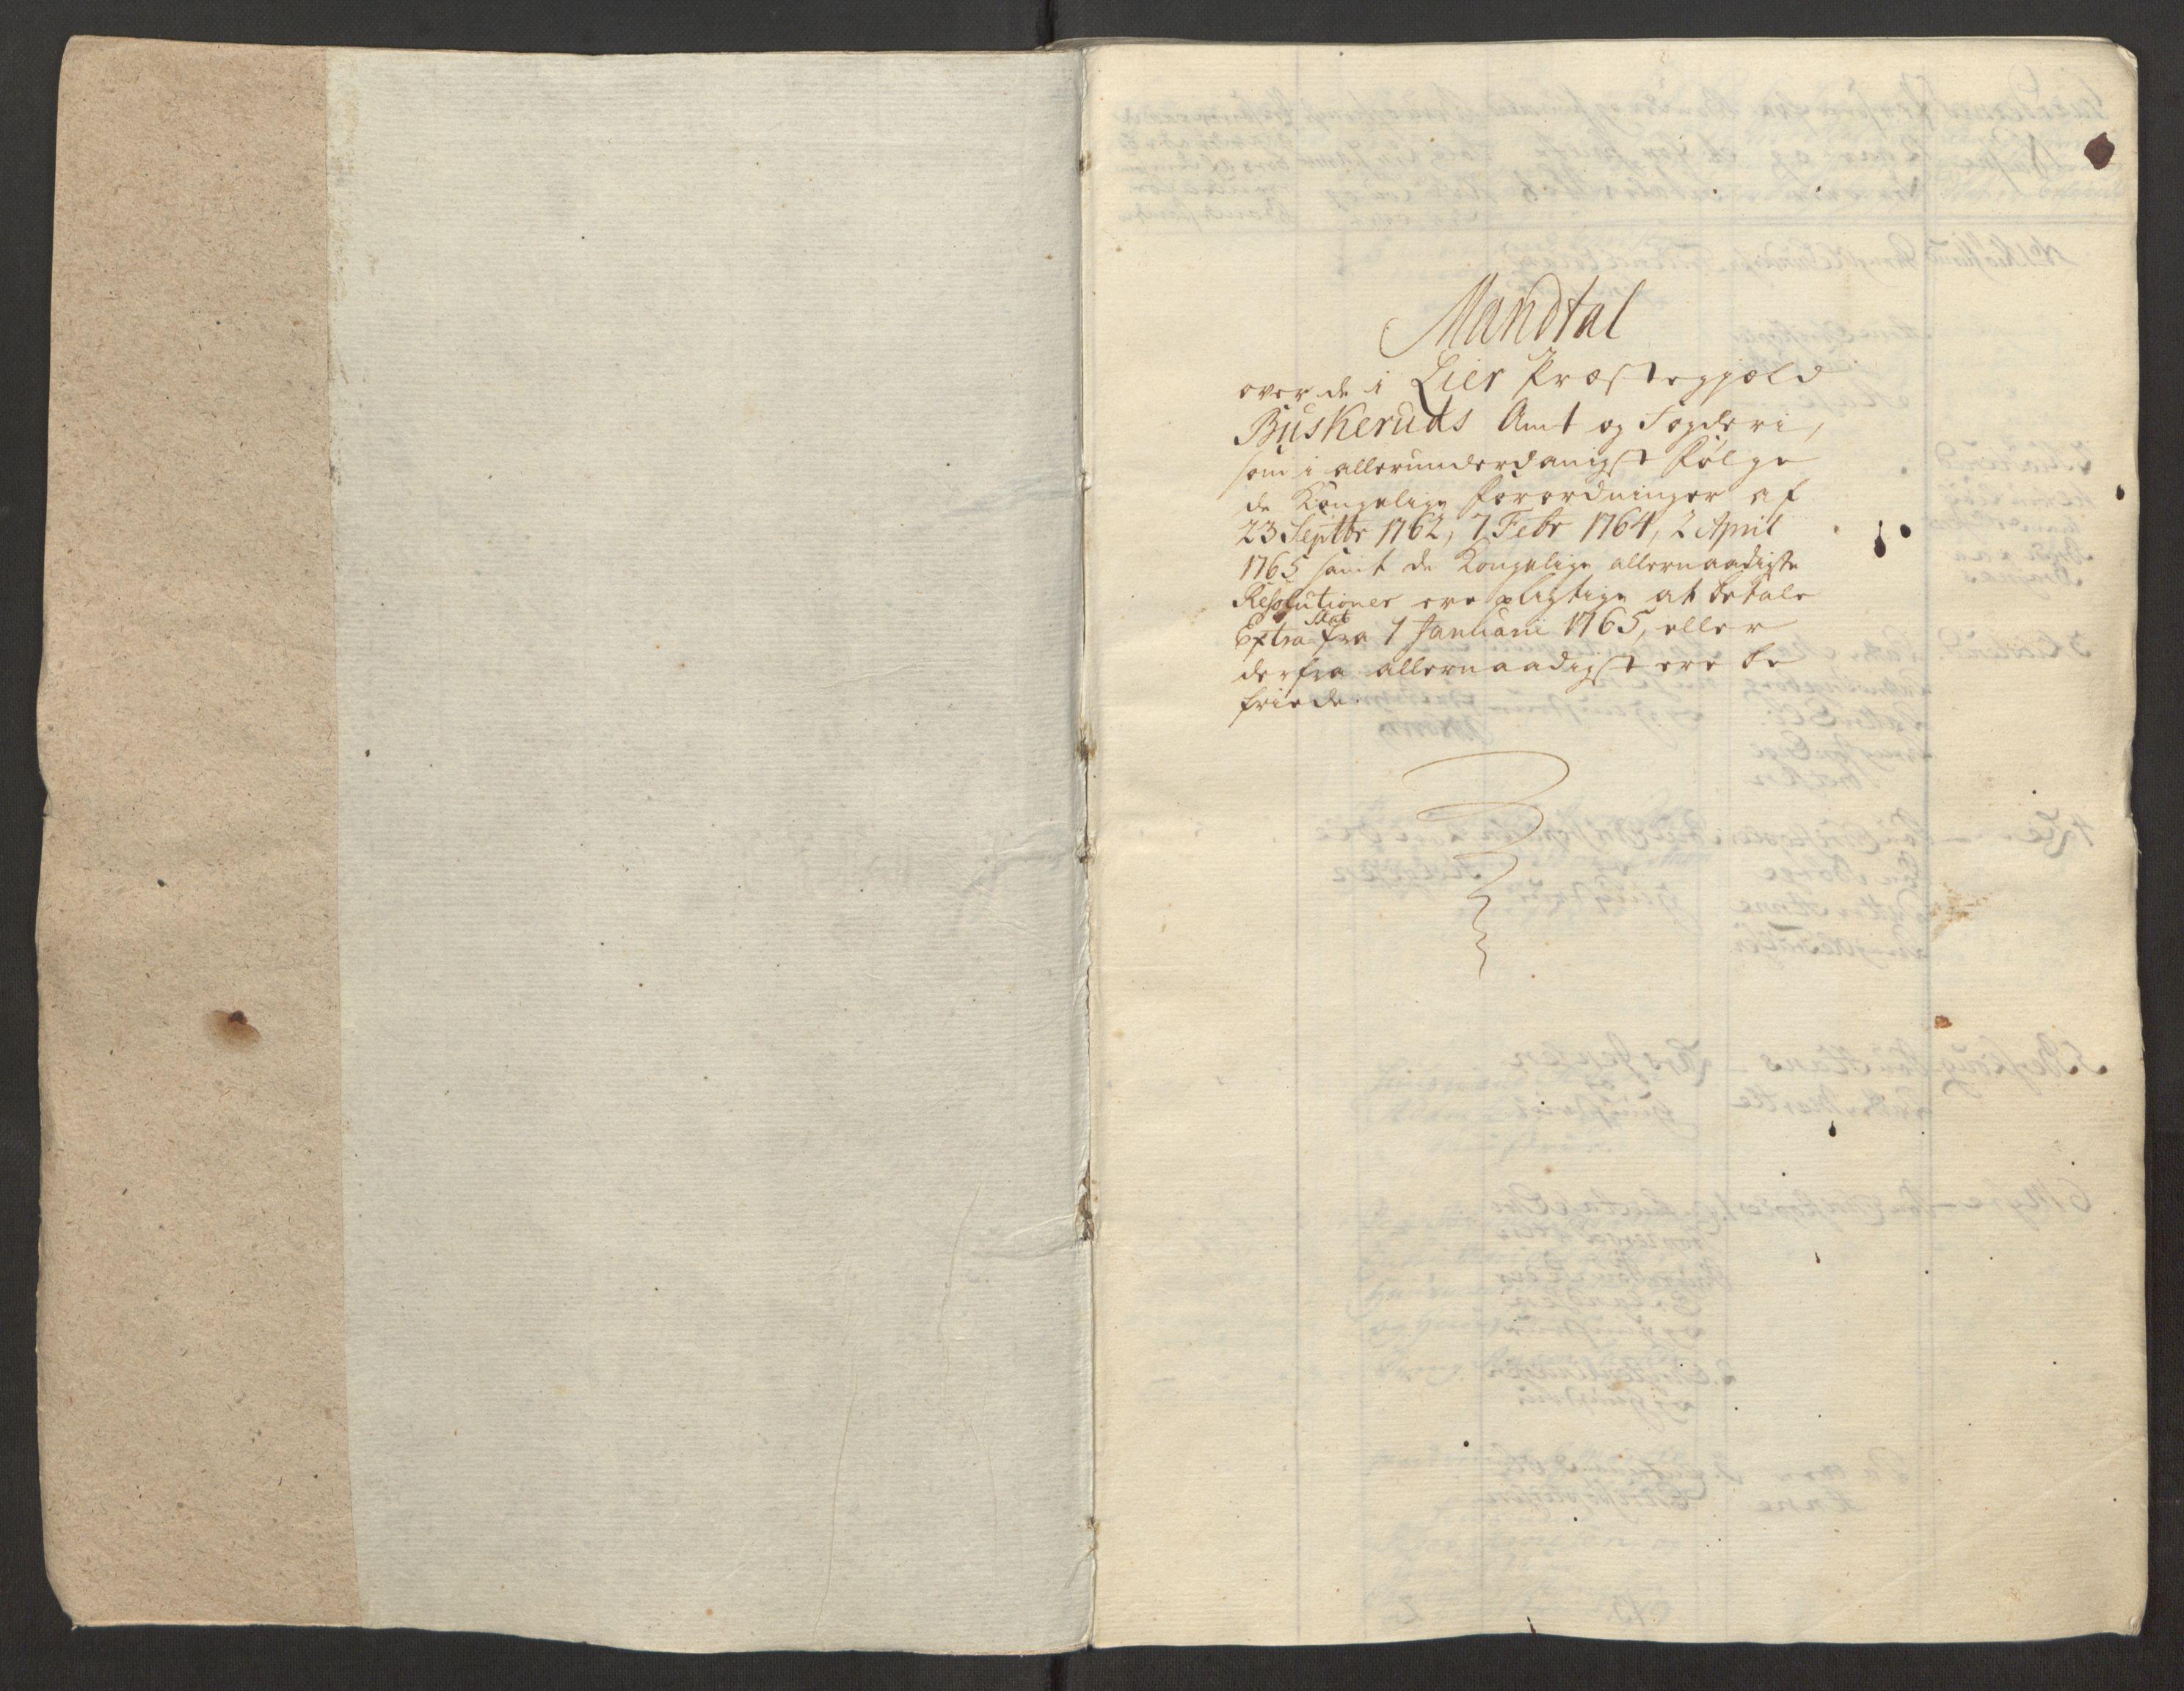 RA, Rentekammeret inntil 1814, Reviderte regnskaper, Fogderegnskap, R31/L1834: Ekstraskatten Hurum, Røyken, Eiker, Lier og Buskerud, 1765, s. 16